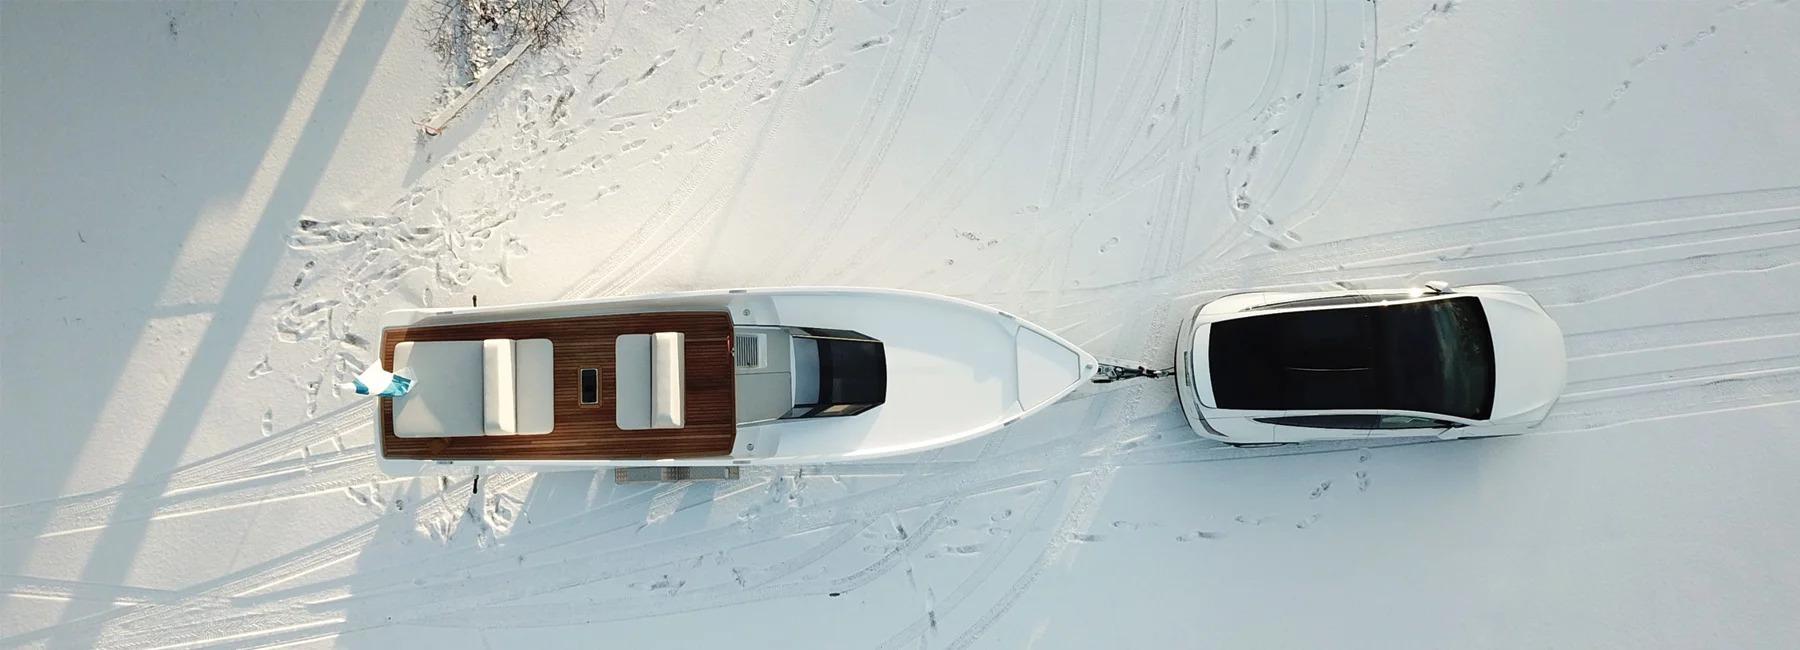 海上特斯拉,来自芬兰的全电动游艇Q30,续航里程可达80海里